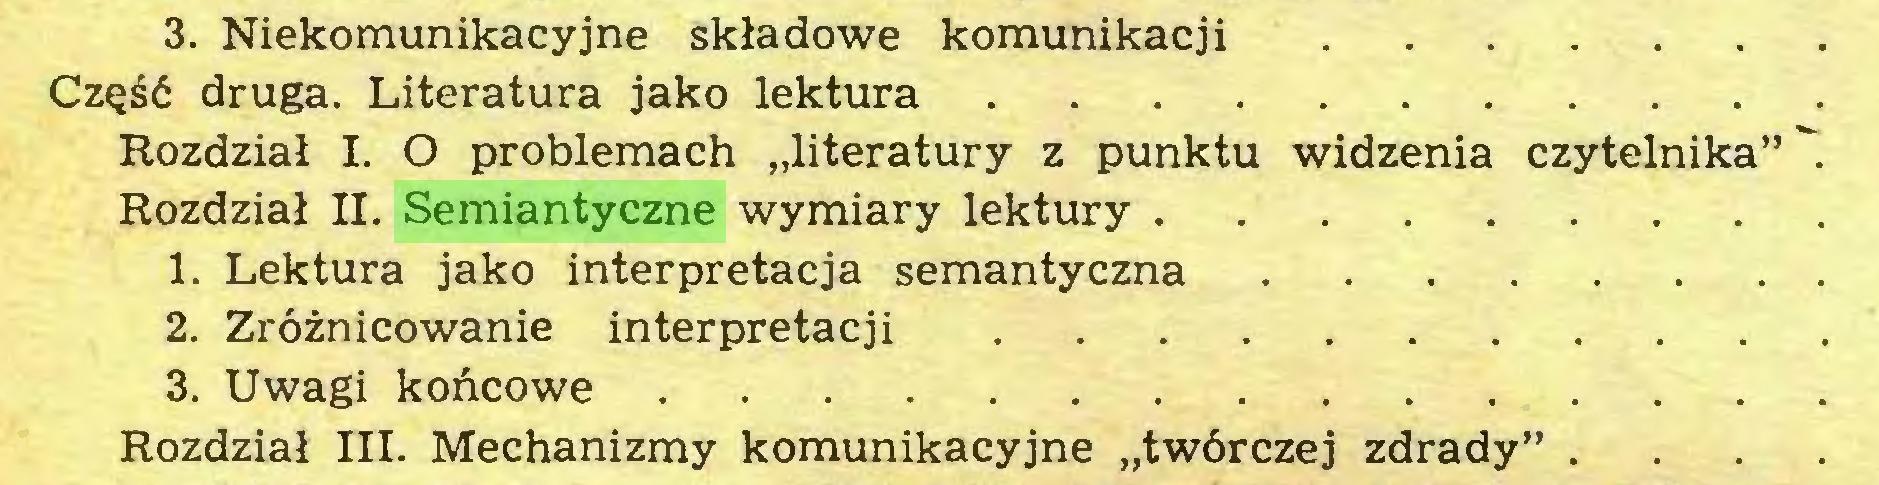 """(...) 3. Niekomunikacyjne składowe komunikacji Część druga. Literatura jako lektura Rozdział I. O problemach """"literatury z punktu widzenia czytelnika"""" Rozdział II. Semiantyczne wymiary lektury 1. Lektura jako interpretacja semantyczna 2. Zróżnicowanie interpretacji 3. Uwagi końcowe Rozdział III. Mechanizmy komunikacyjne """"twórczej zdrady"""" . . . ..."""